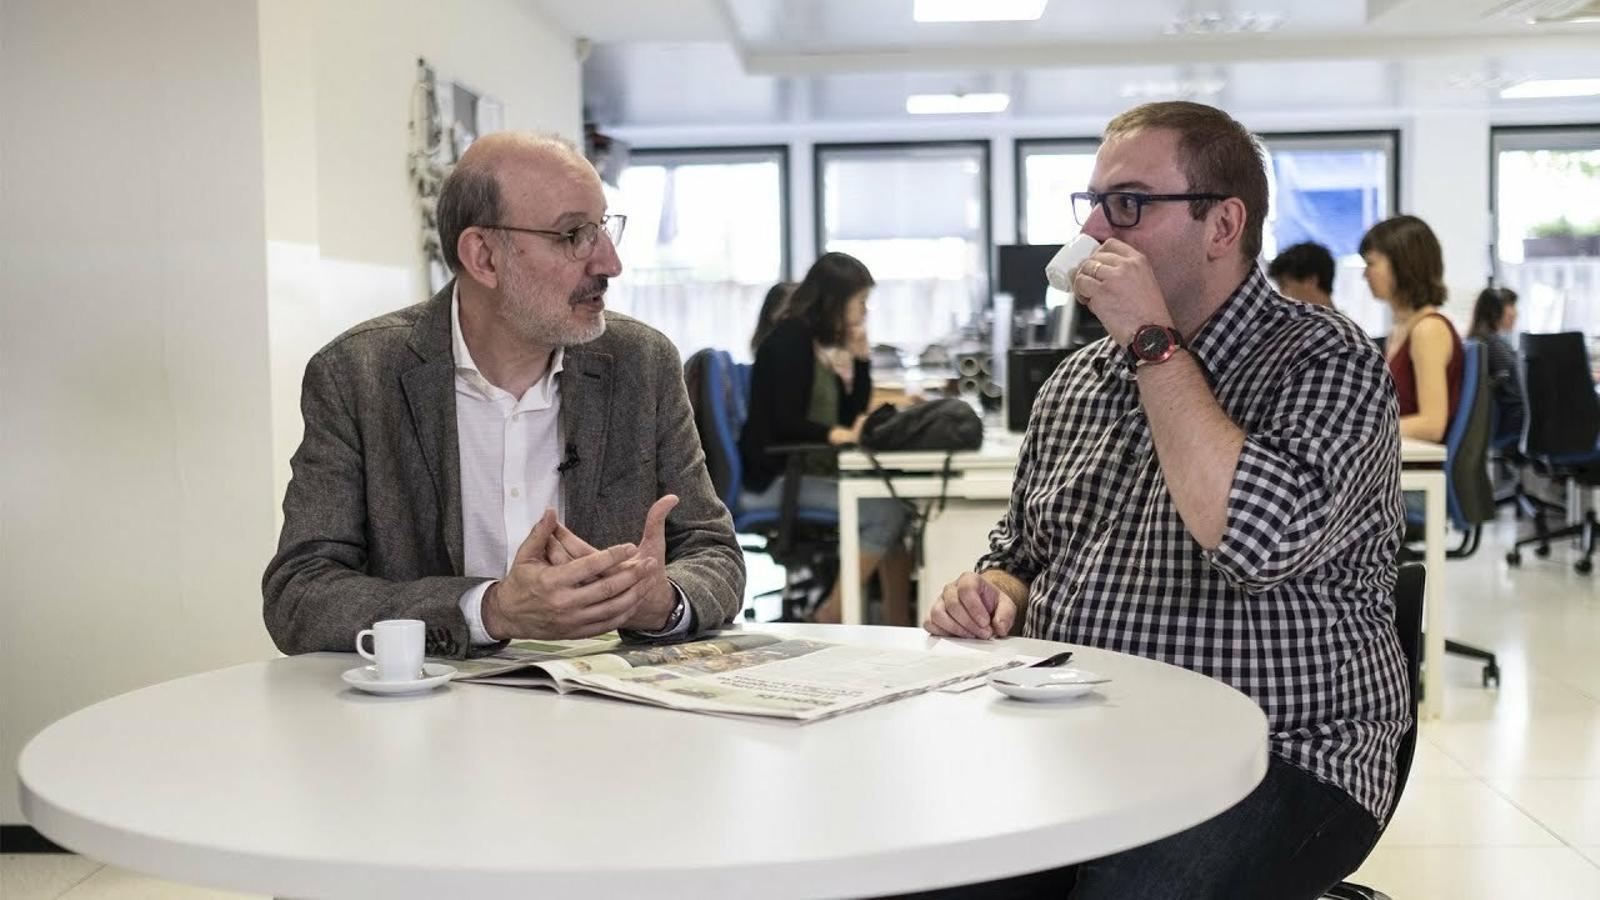 El cafè de la Lliga: A Mateu Lahoz se l'ha menjat el personatge